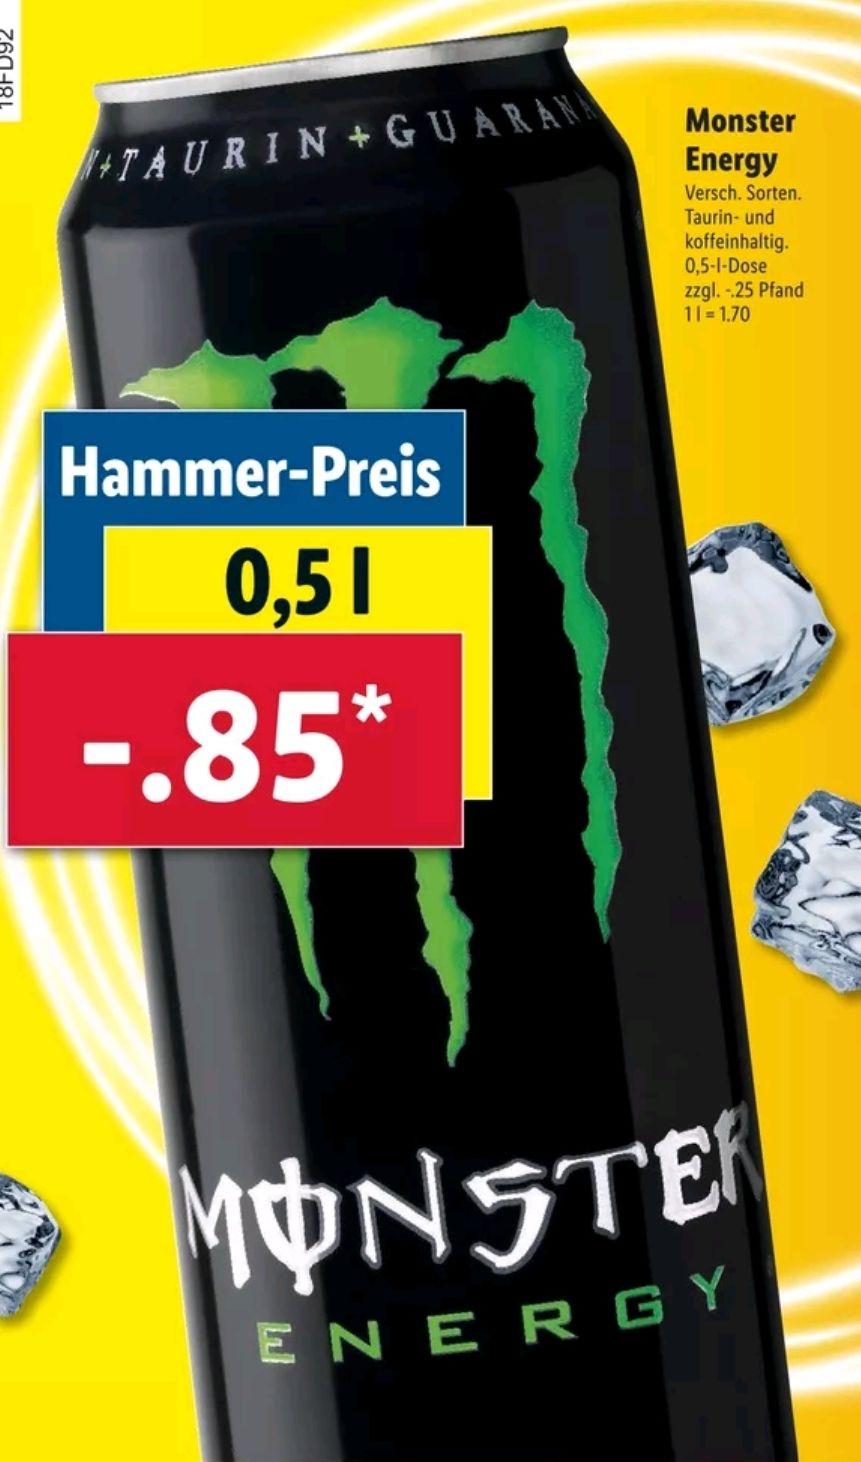 [Lidl] Ab 14.6 Monster Energy Drink 0.5L für je 0.85€